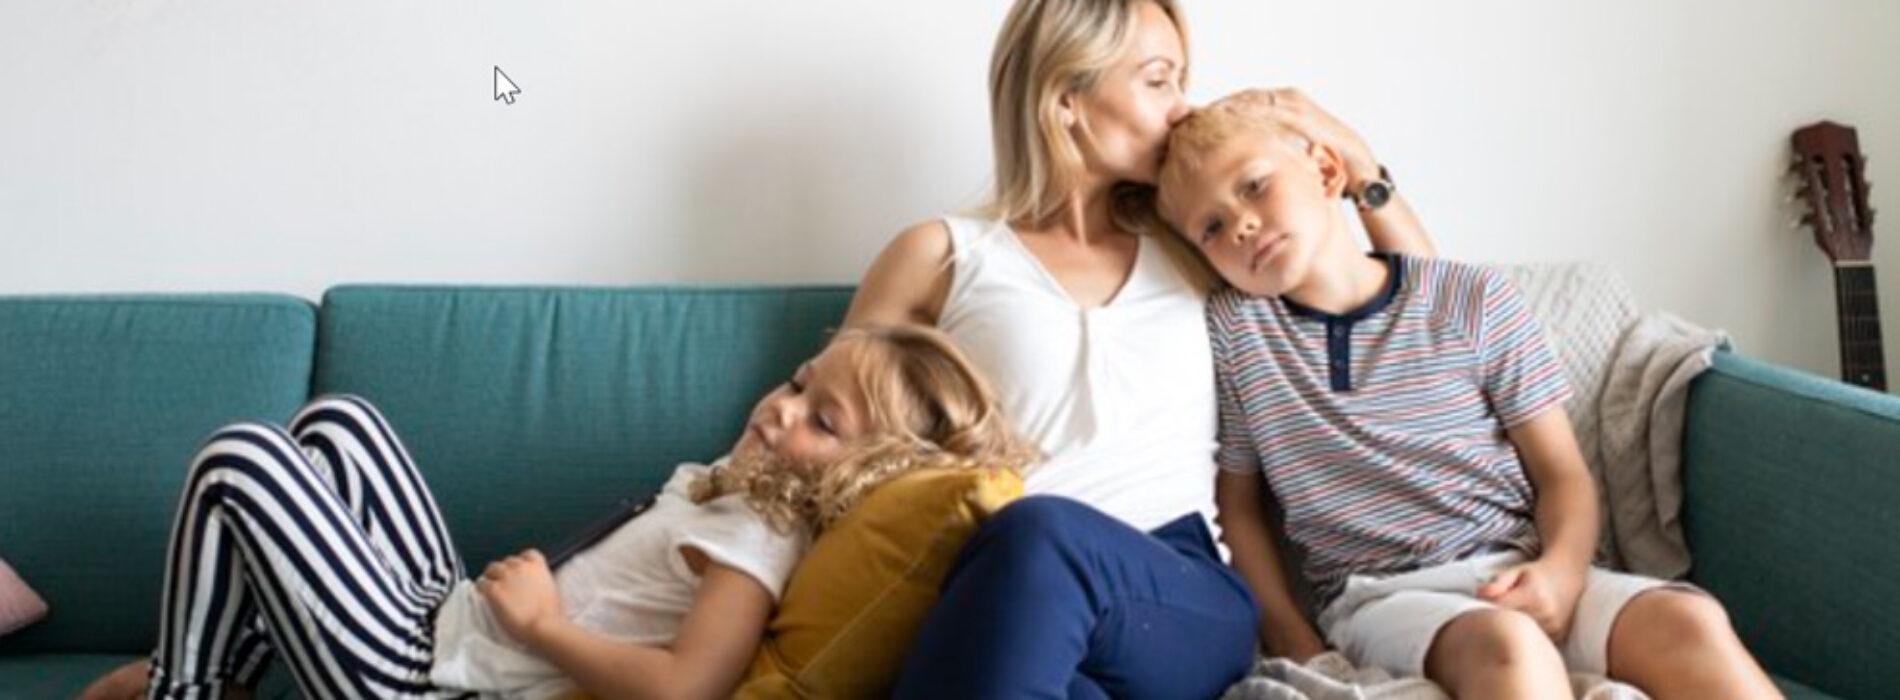 Renta rodzinna dla wdowy z dziećmi. Kiedy i komu przysługuje?